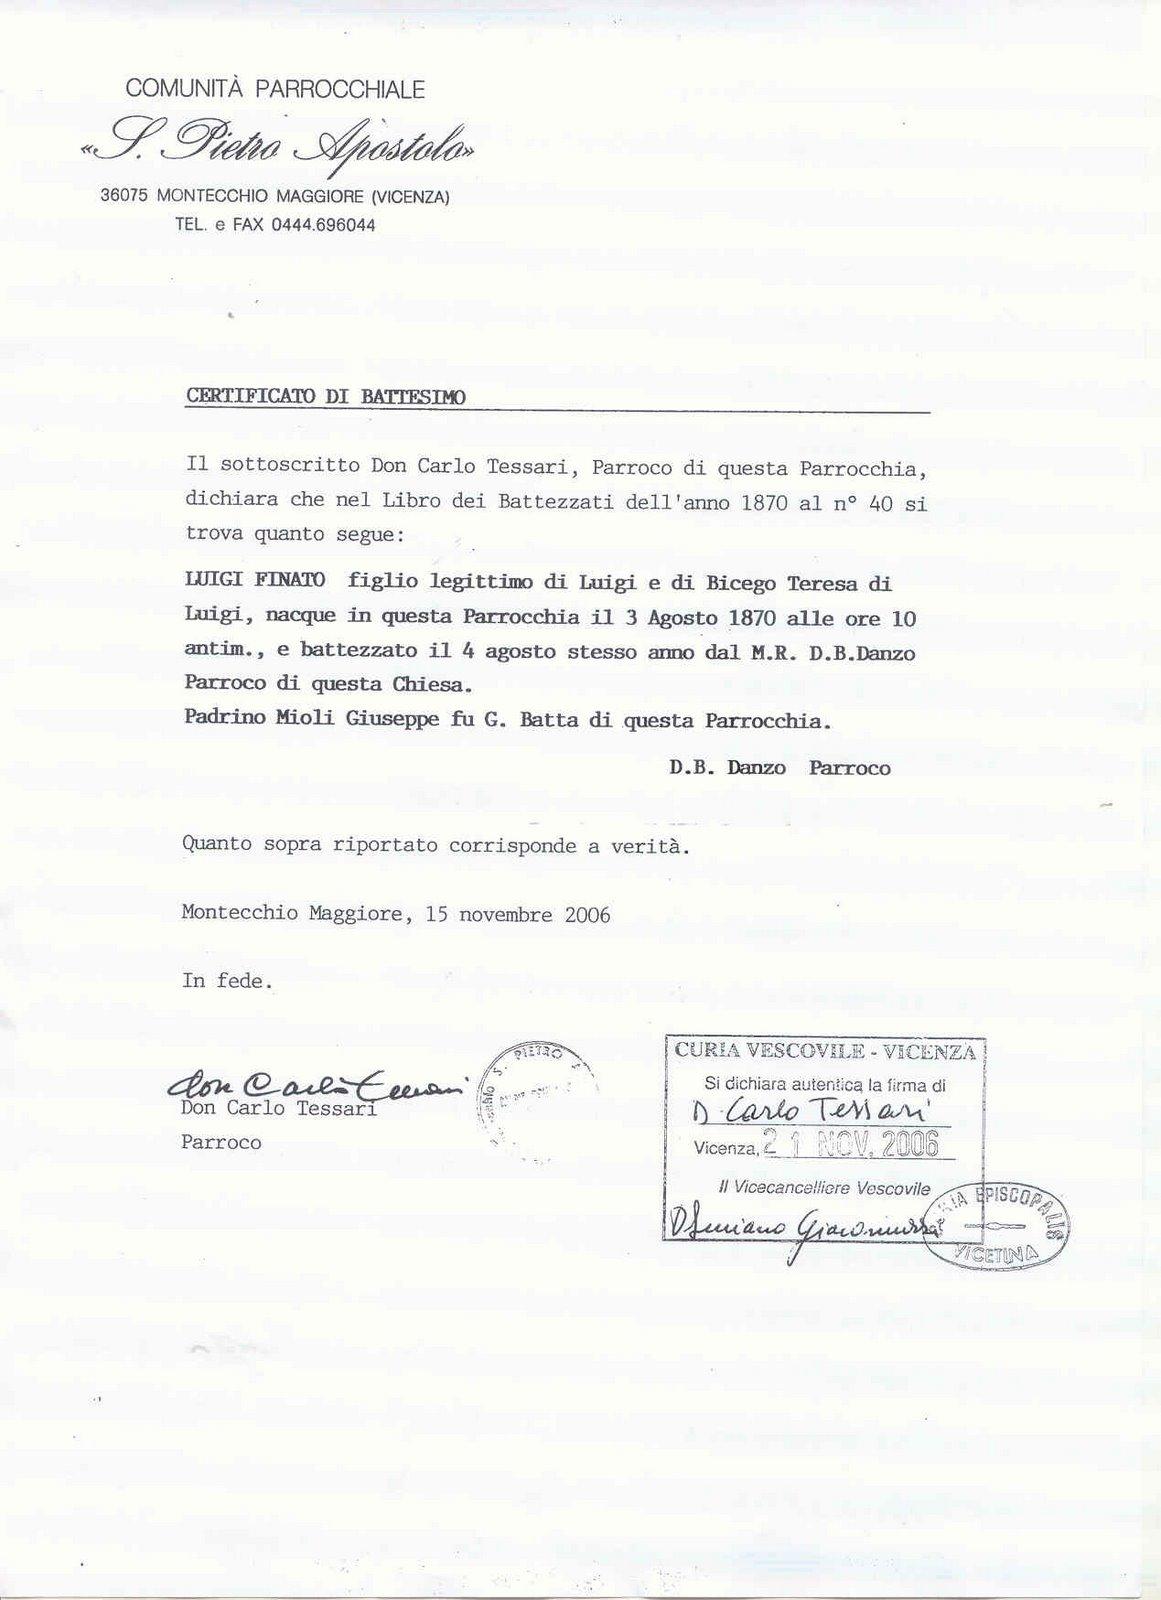 CERTIDÃO DE BATISMO DE LUIGI FINATO